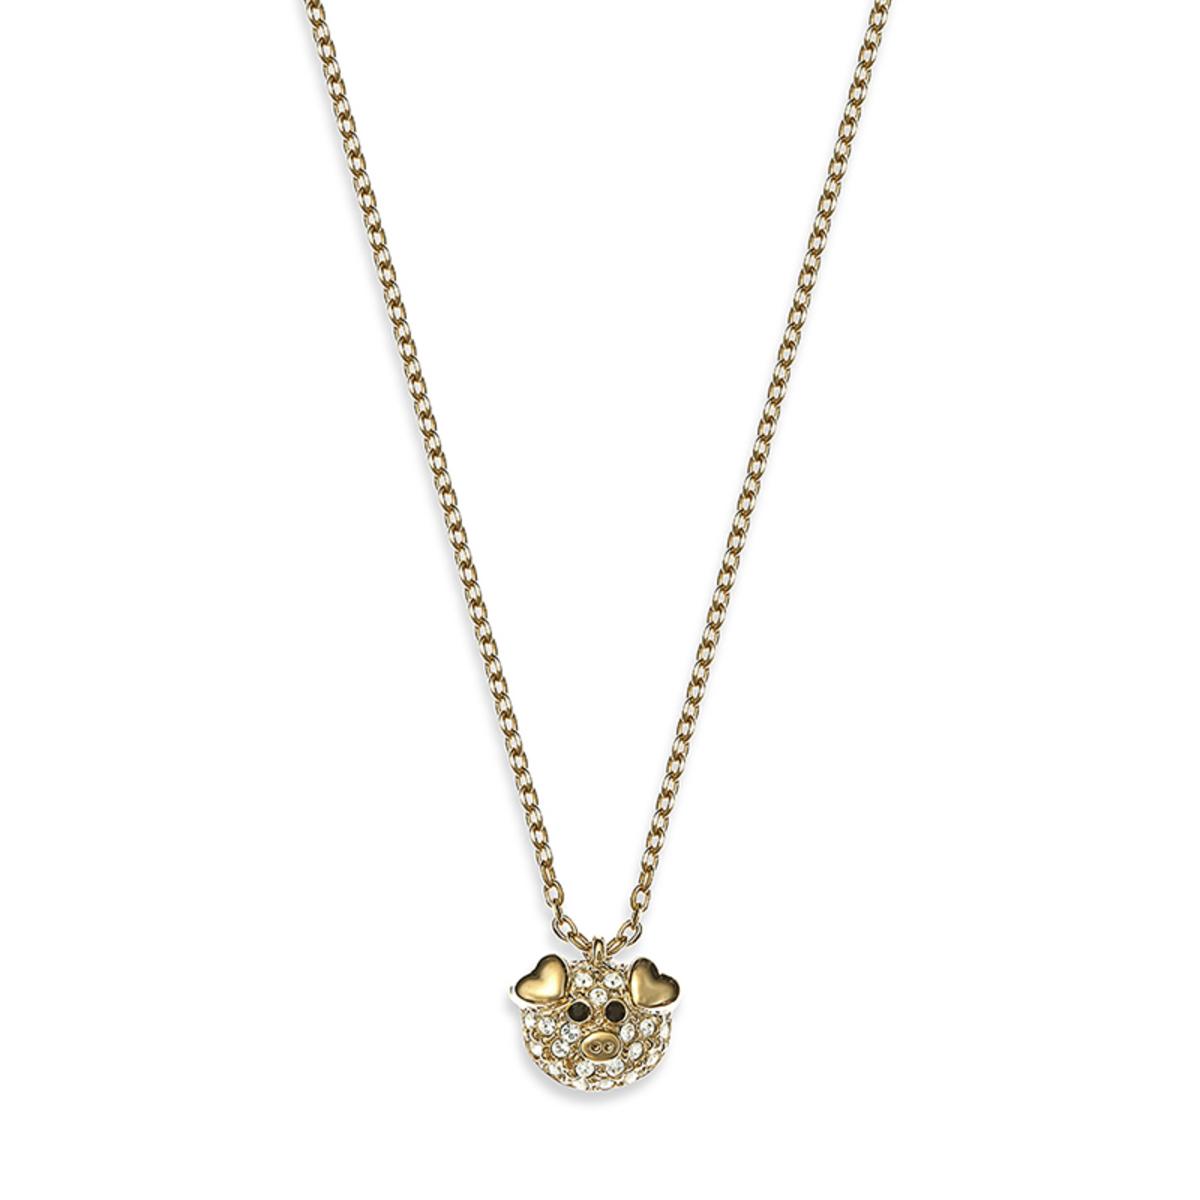 小可愛: 金色, Swarovski水晶石雙面設計小豬豬吊墜項鍊